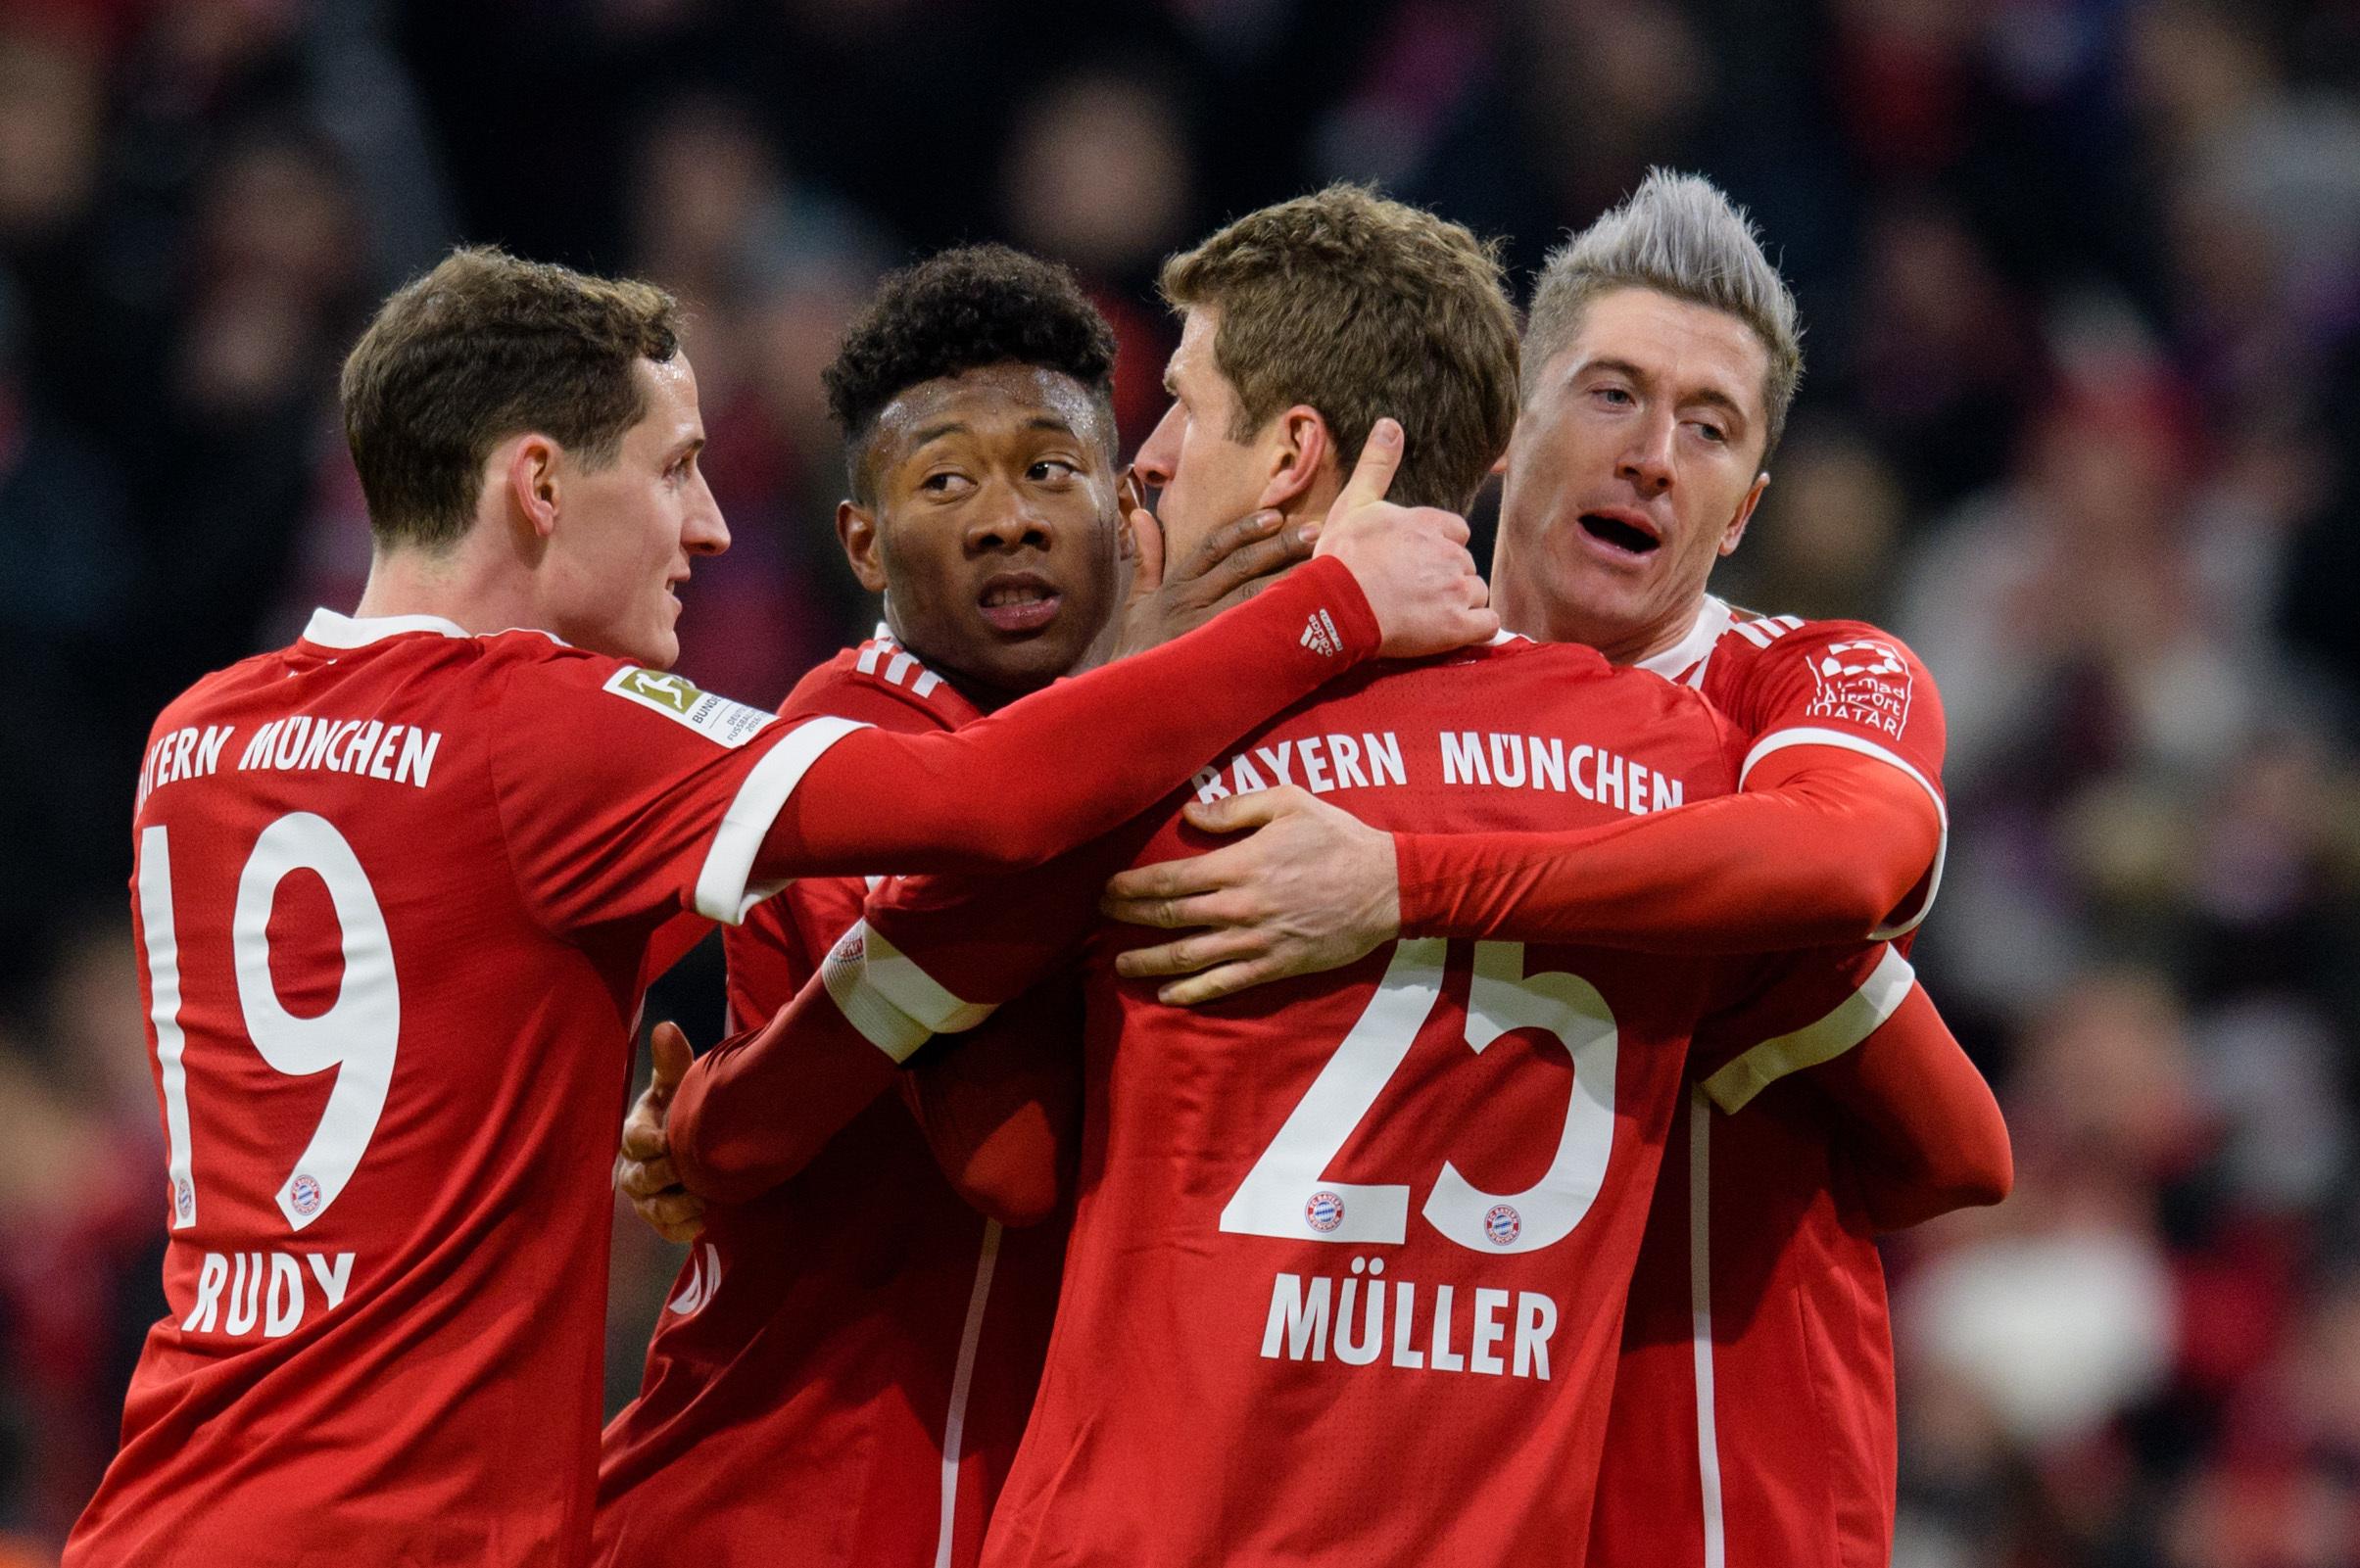 Sv Rodinghausen Gegen Bayern Munchen Anreise Zum Dfb Pokalspiel